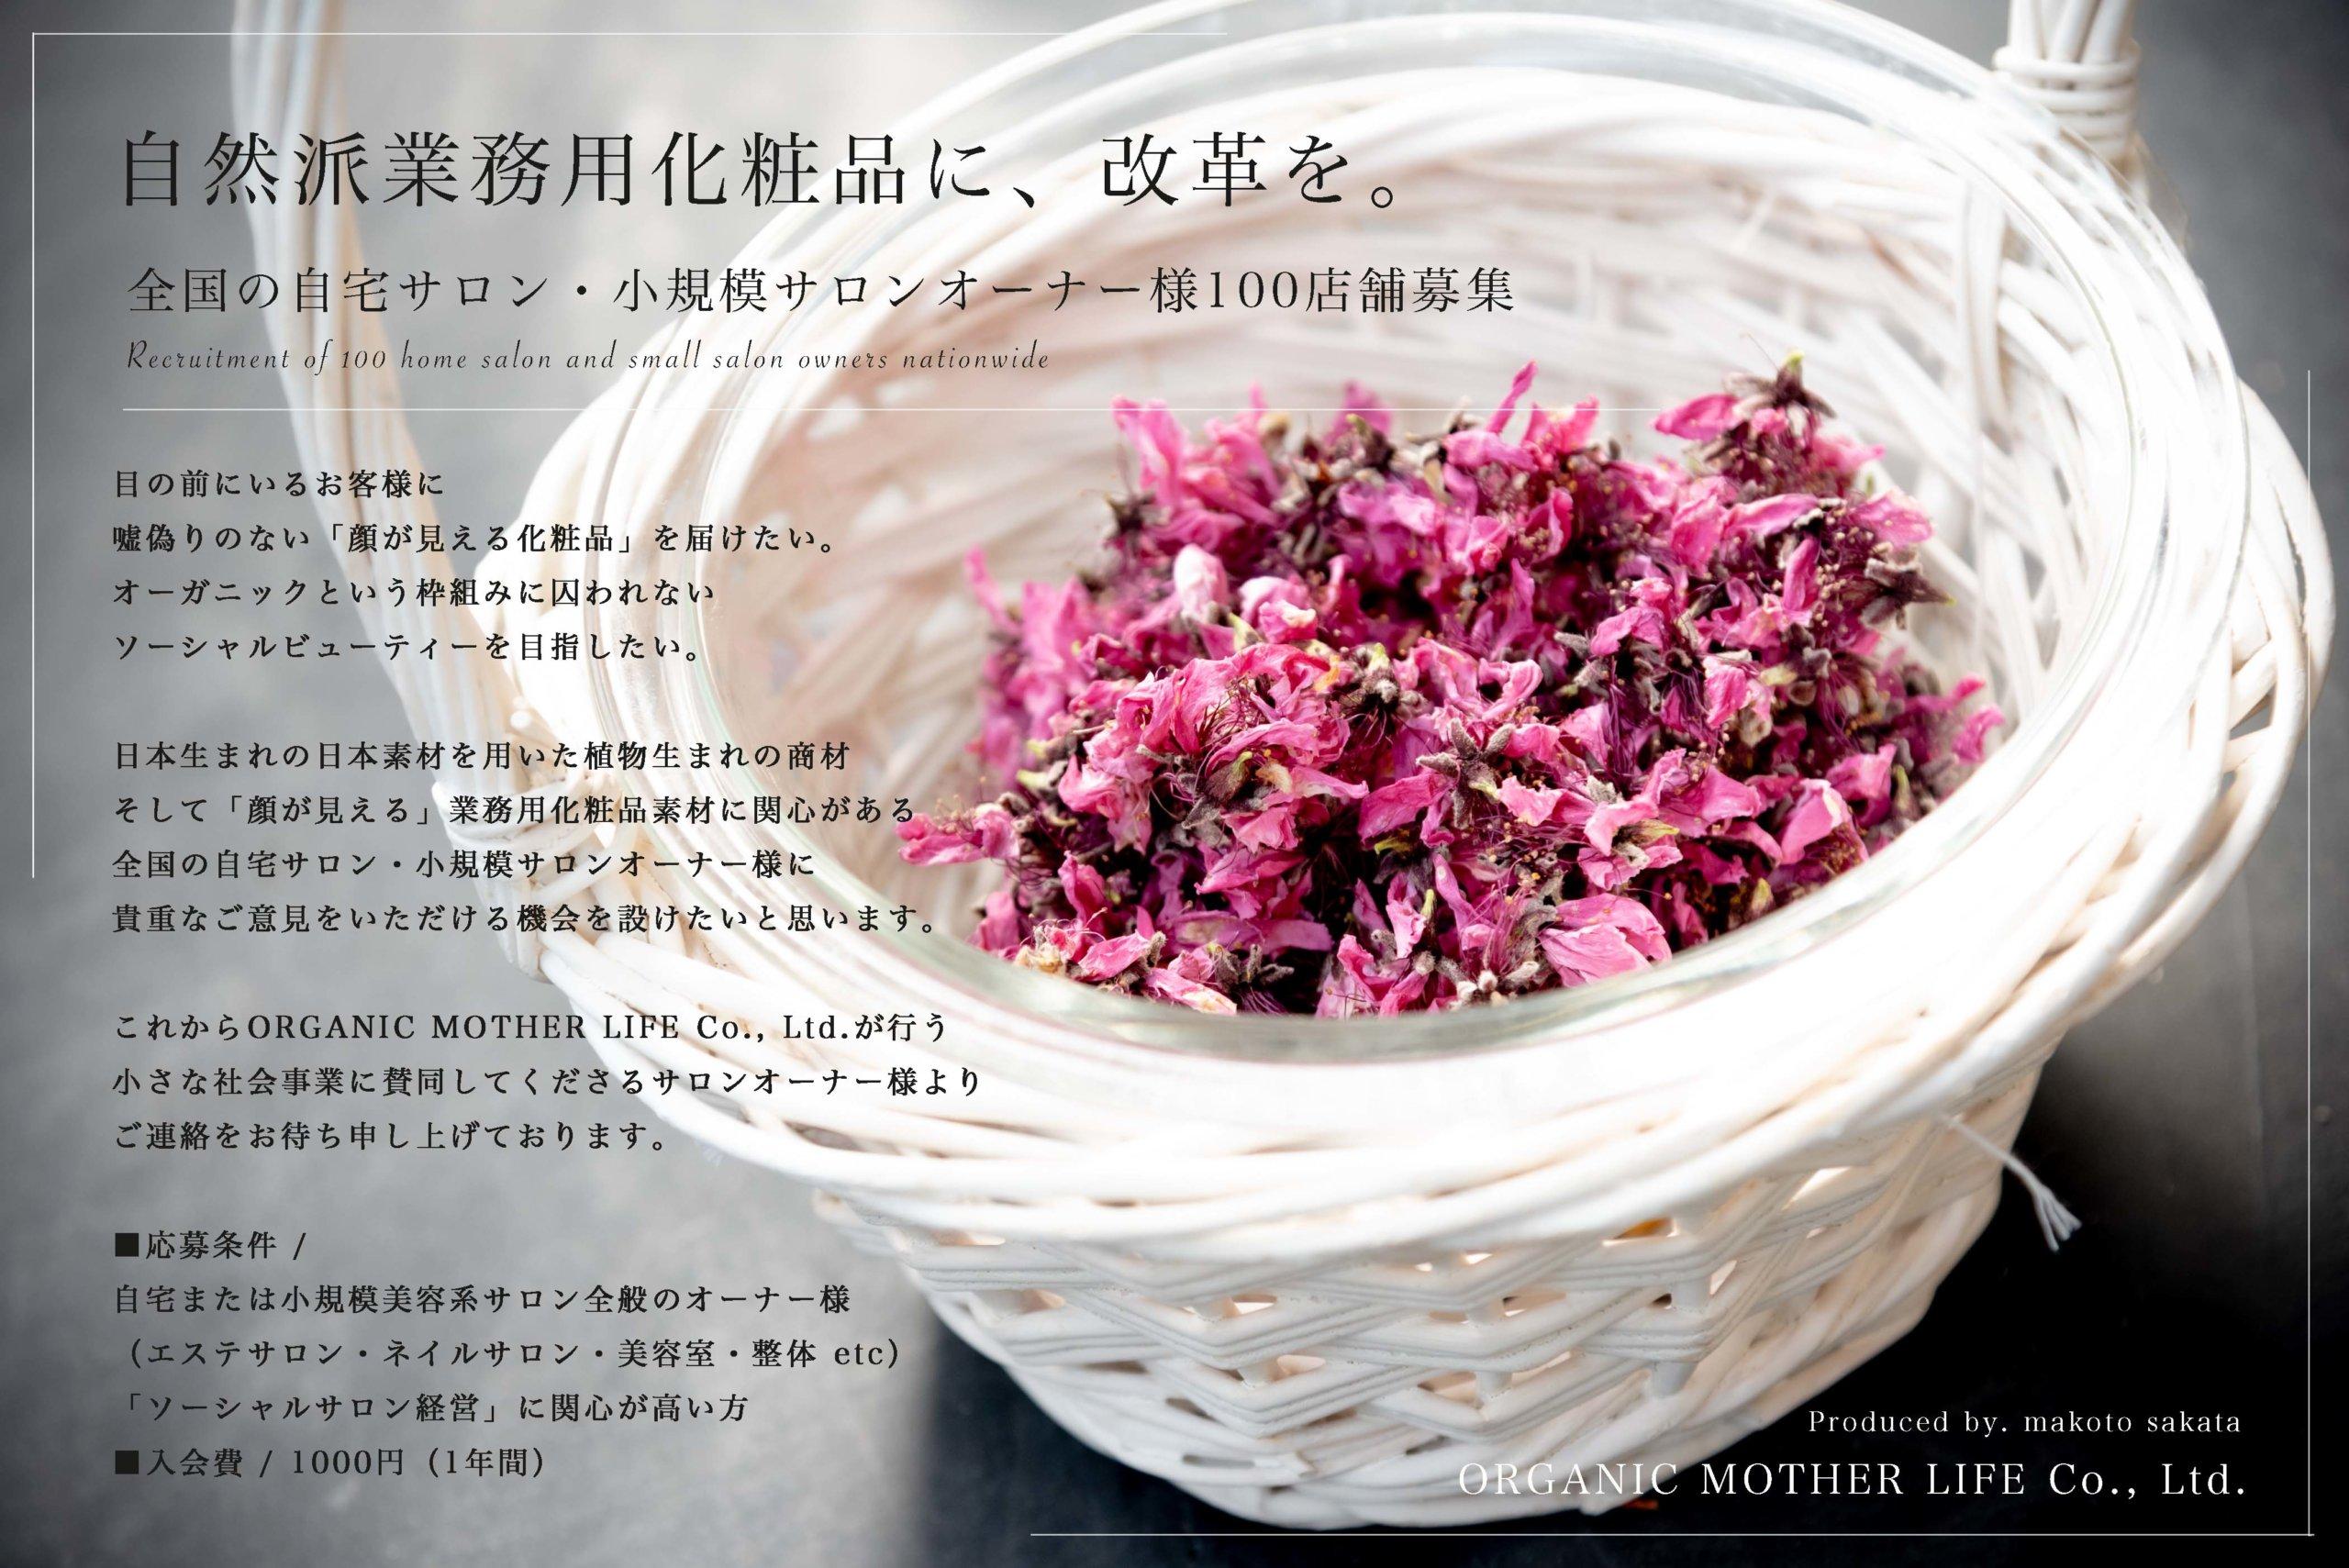 自然派業務用化粧品に、改革を。ORGANIC MOTHER LIFE Co., Ltd.